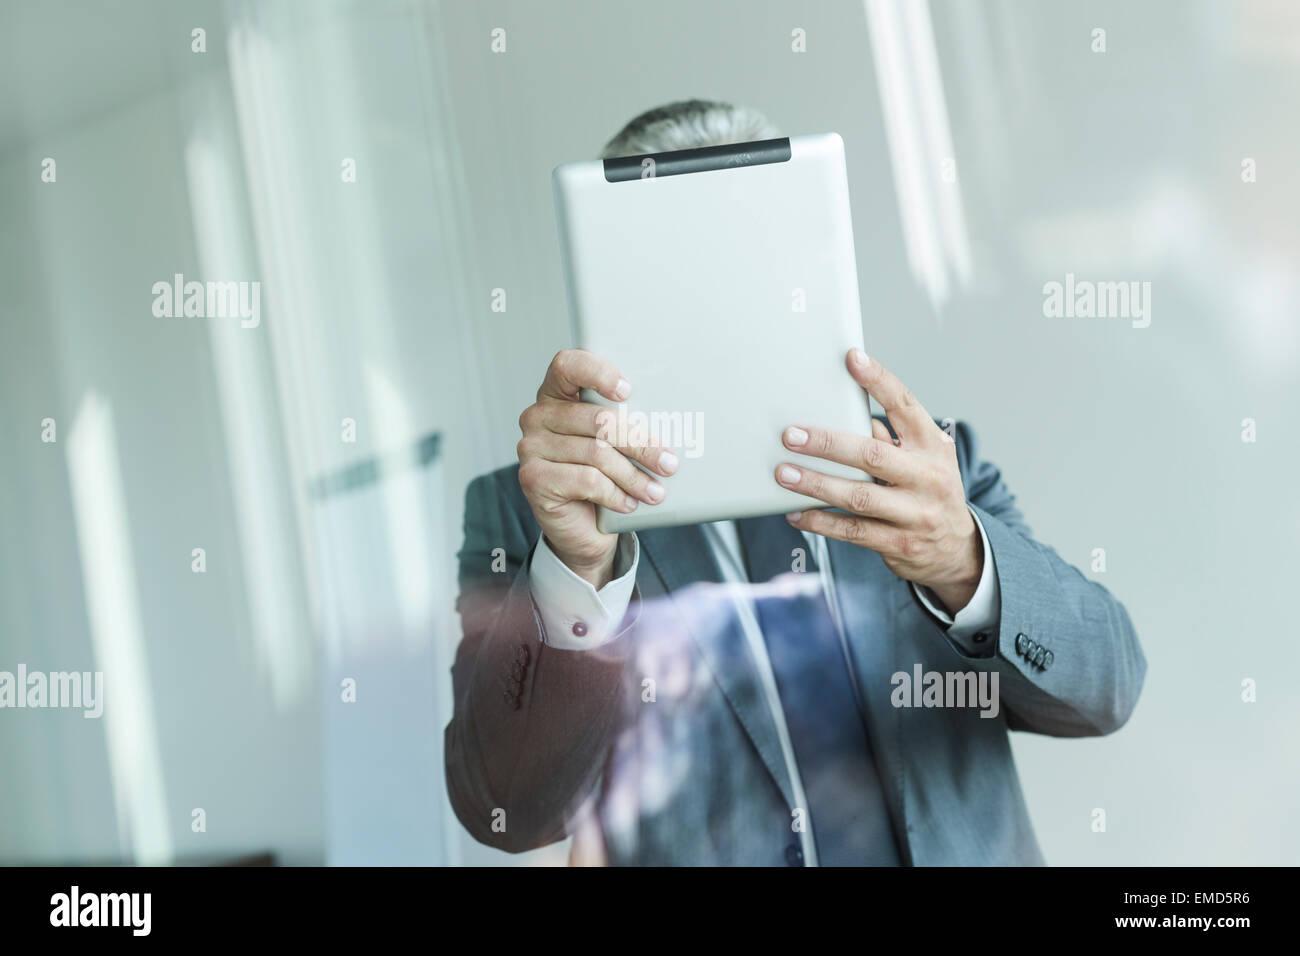 Businessman holding digital tablet, face obscured - Stock Image